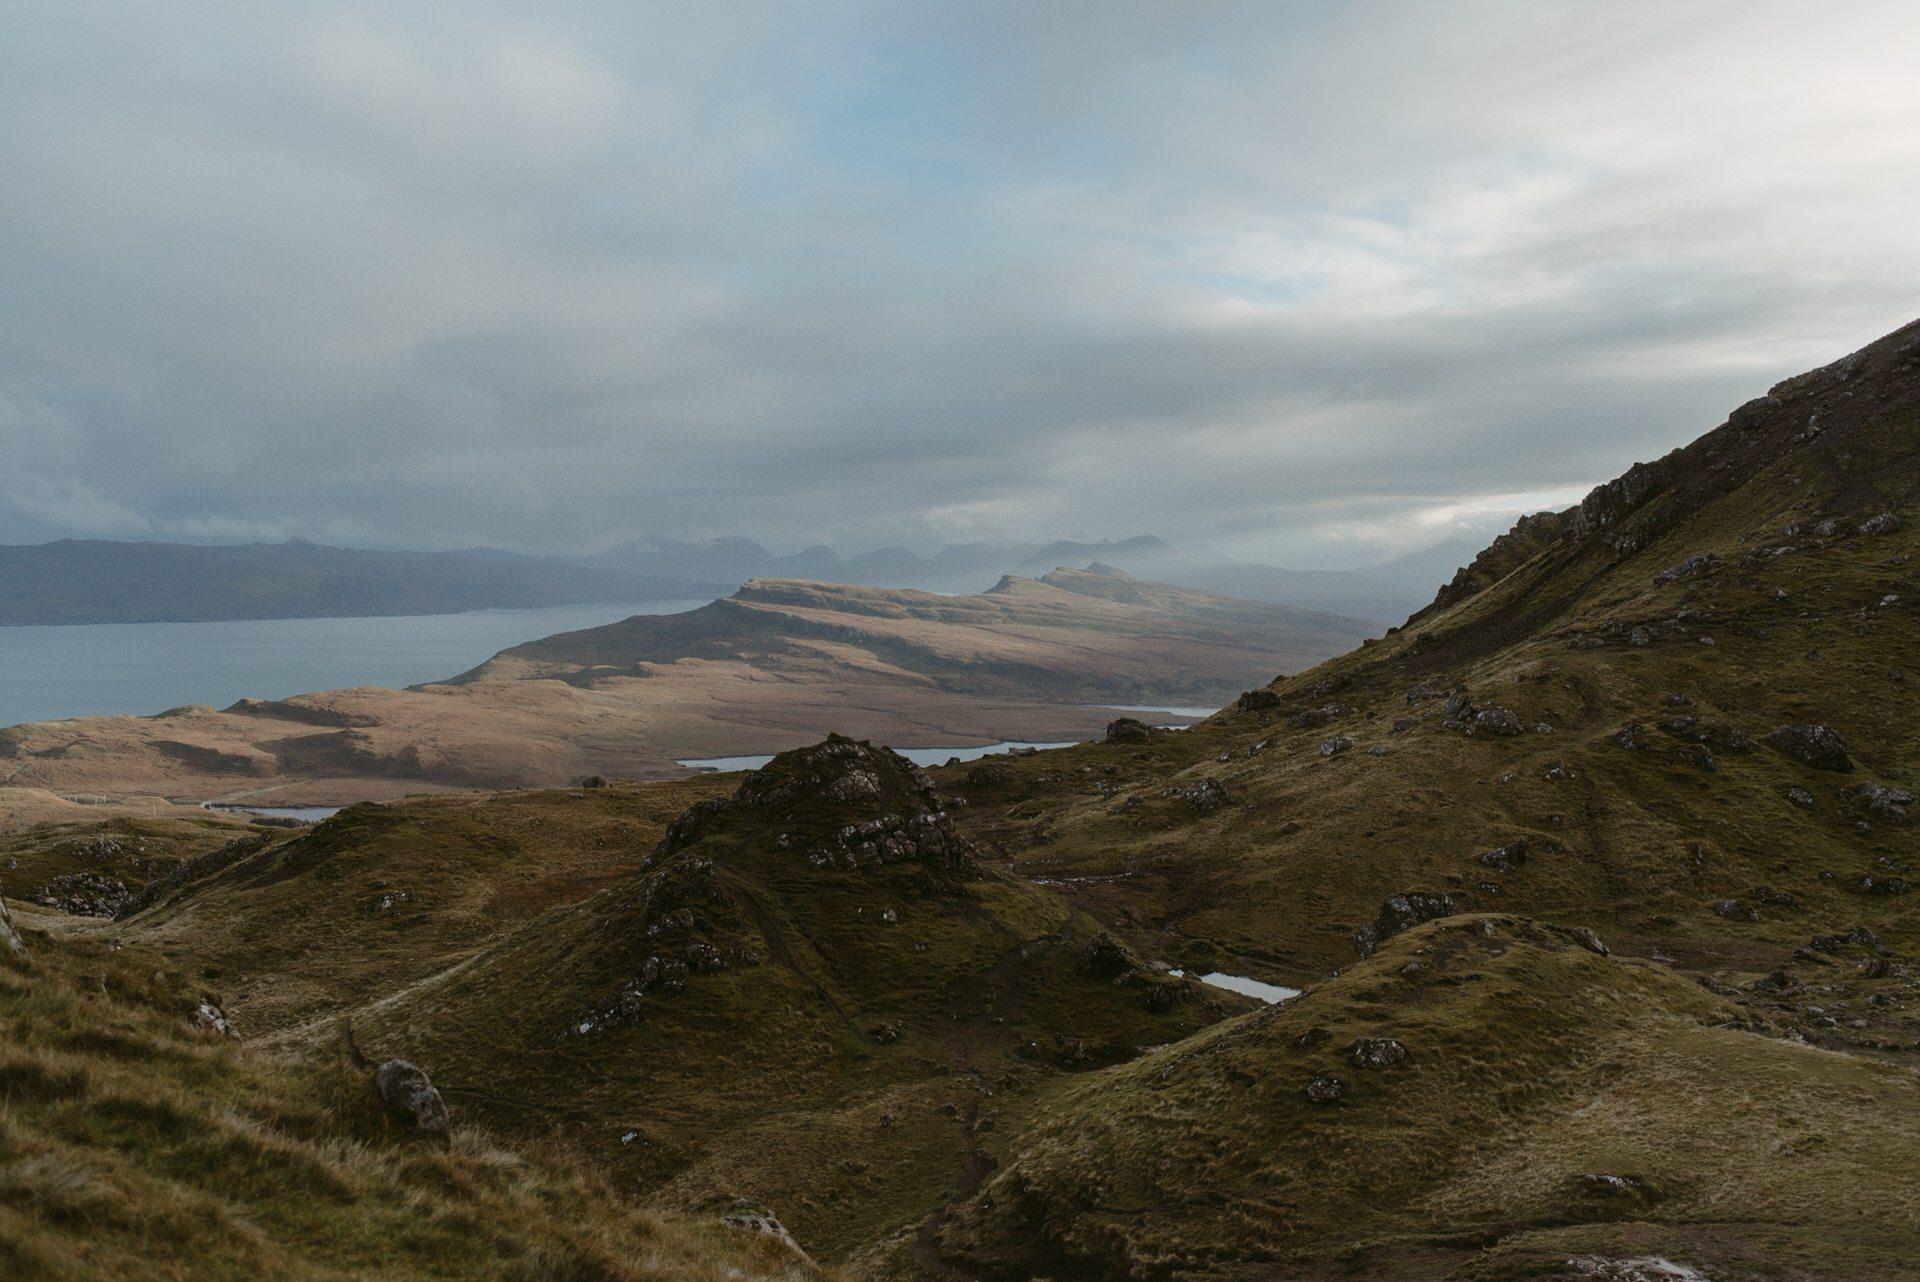 Quiraing Elopement Isle of Skye 446